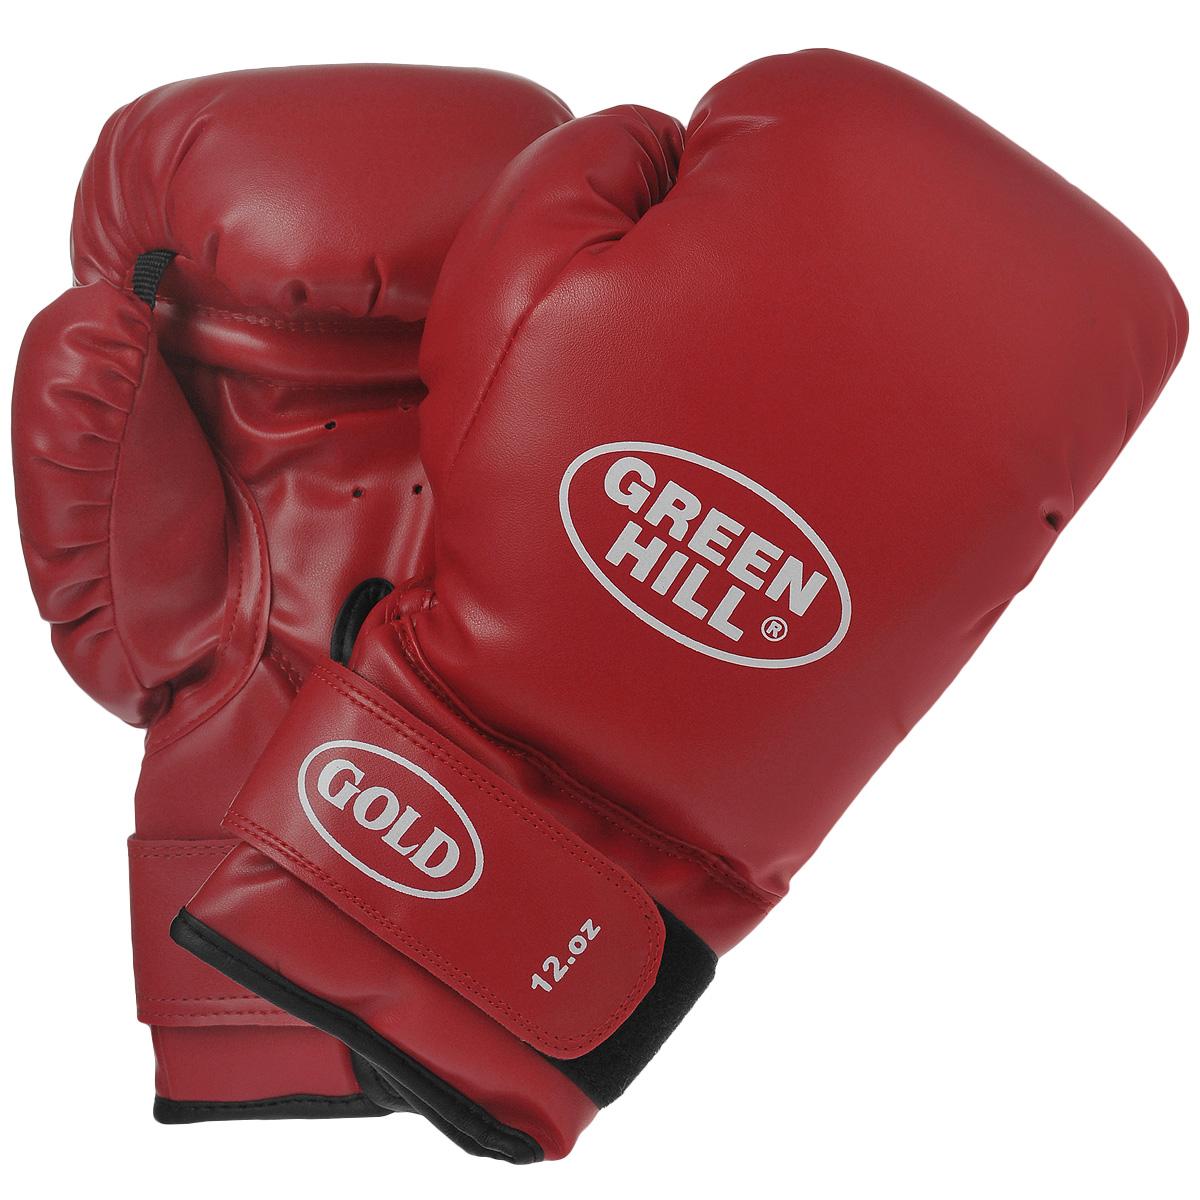 Перчатки боксерские Green Hill Gold, цвет: красный. Вес 12 унцийAIRWHEEL Q3-340WH-BLACKБоксерские тренировочные перчатки Green Hill Gold выполнены из высококачественной искусственной кожи. Они отлично подойдут для начинающих спортсменов. Мягкий наполнитель из очеса предотвращает любые травмы. Широкий ремень, охватывая запястье, полностью оборачивается вокруг манжеты, благодаря чему создается дополнительная защита лучезапястного сустава от травмирования. Застежка на липучке способствует быстрому и удобному одеванию перчаток, плотно фиксирует перчатки на руке.